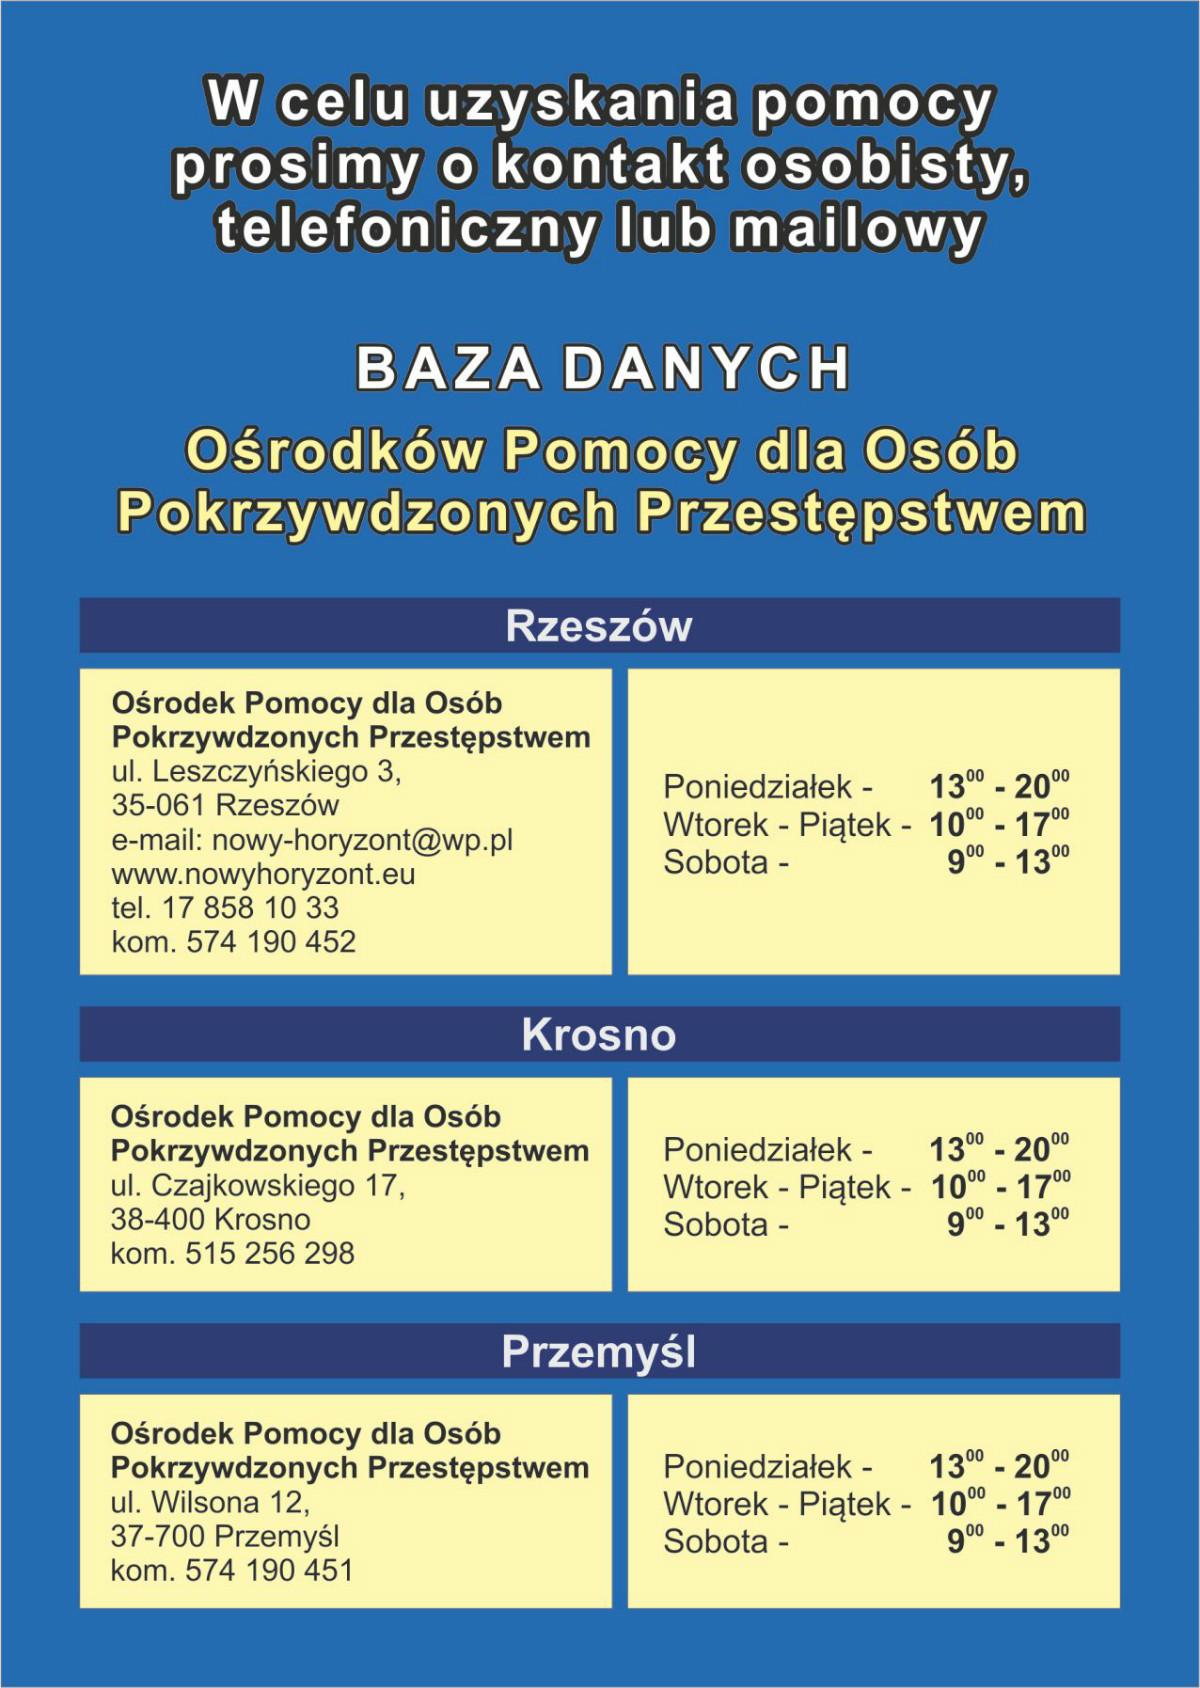 https://pcpr.powiat.rzeszowski.pl/aktualnosci/informacja-osrodka-pomocy-dla-osob-pokrzywdzonych-przestepstwem/attachment/ulotka-2/